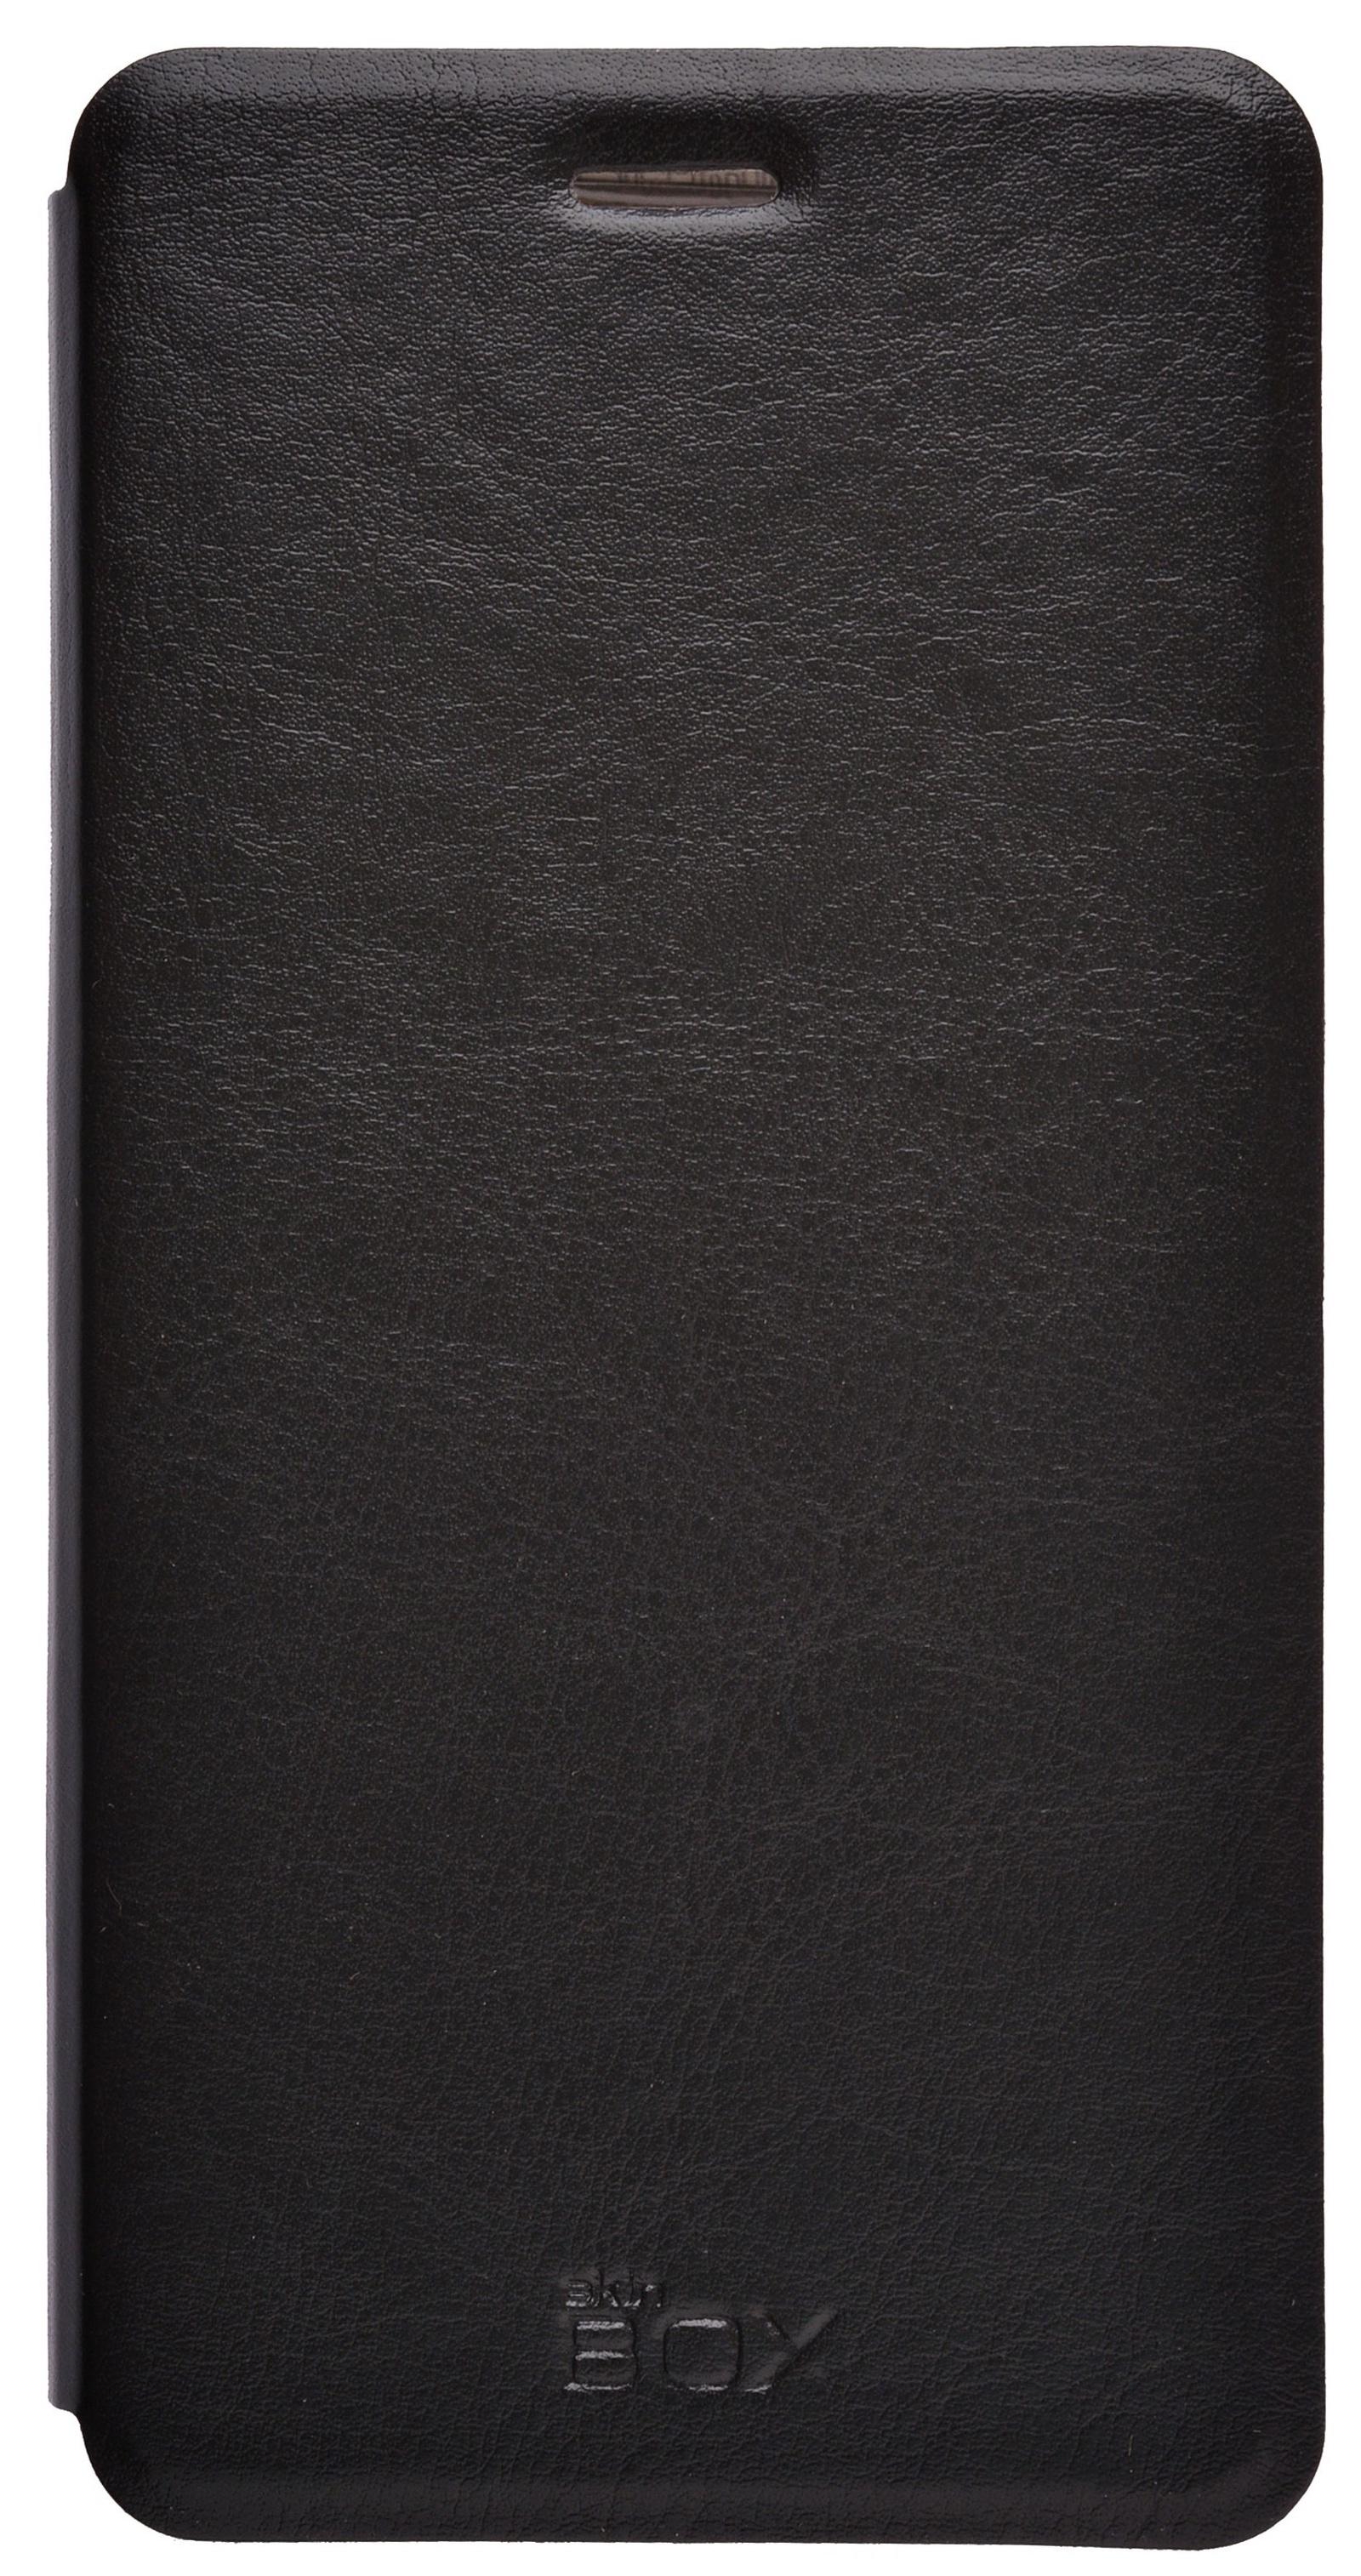 Чехол для сотового телефона skinBOX Lux, 4630042528833, черный все цены